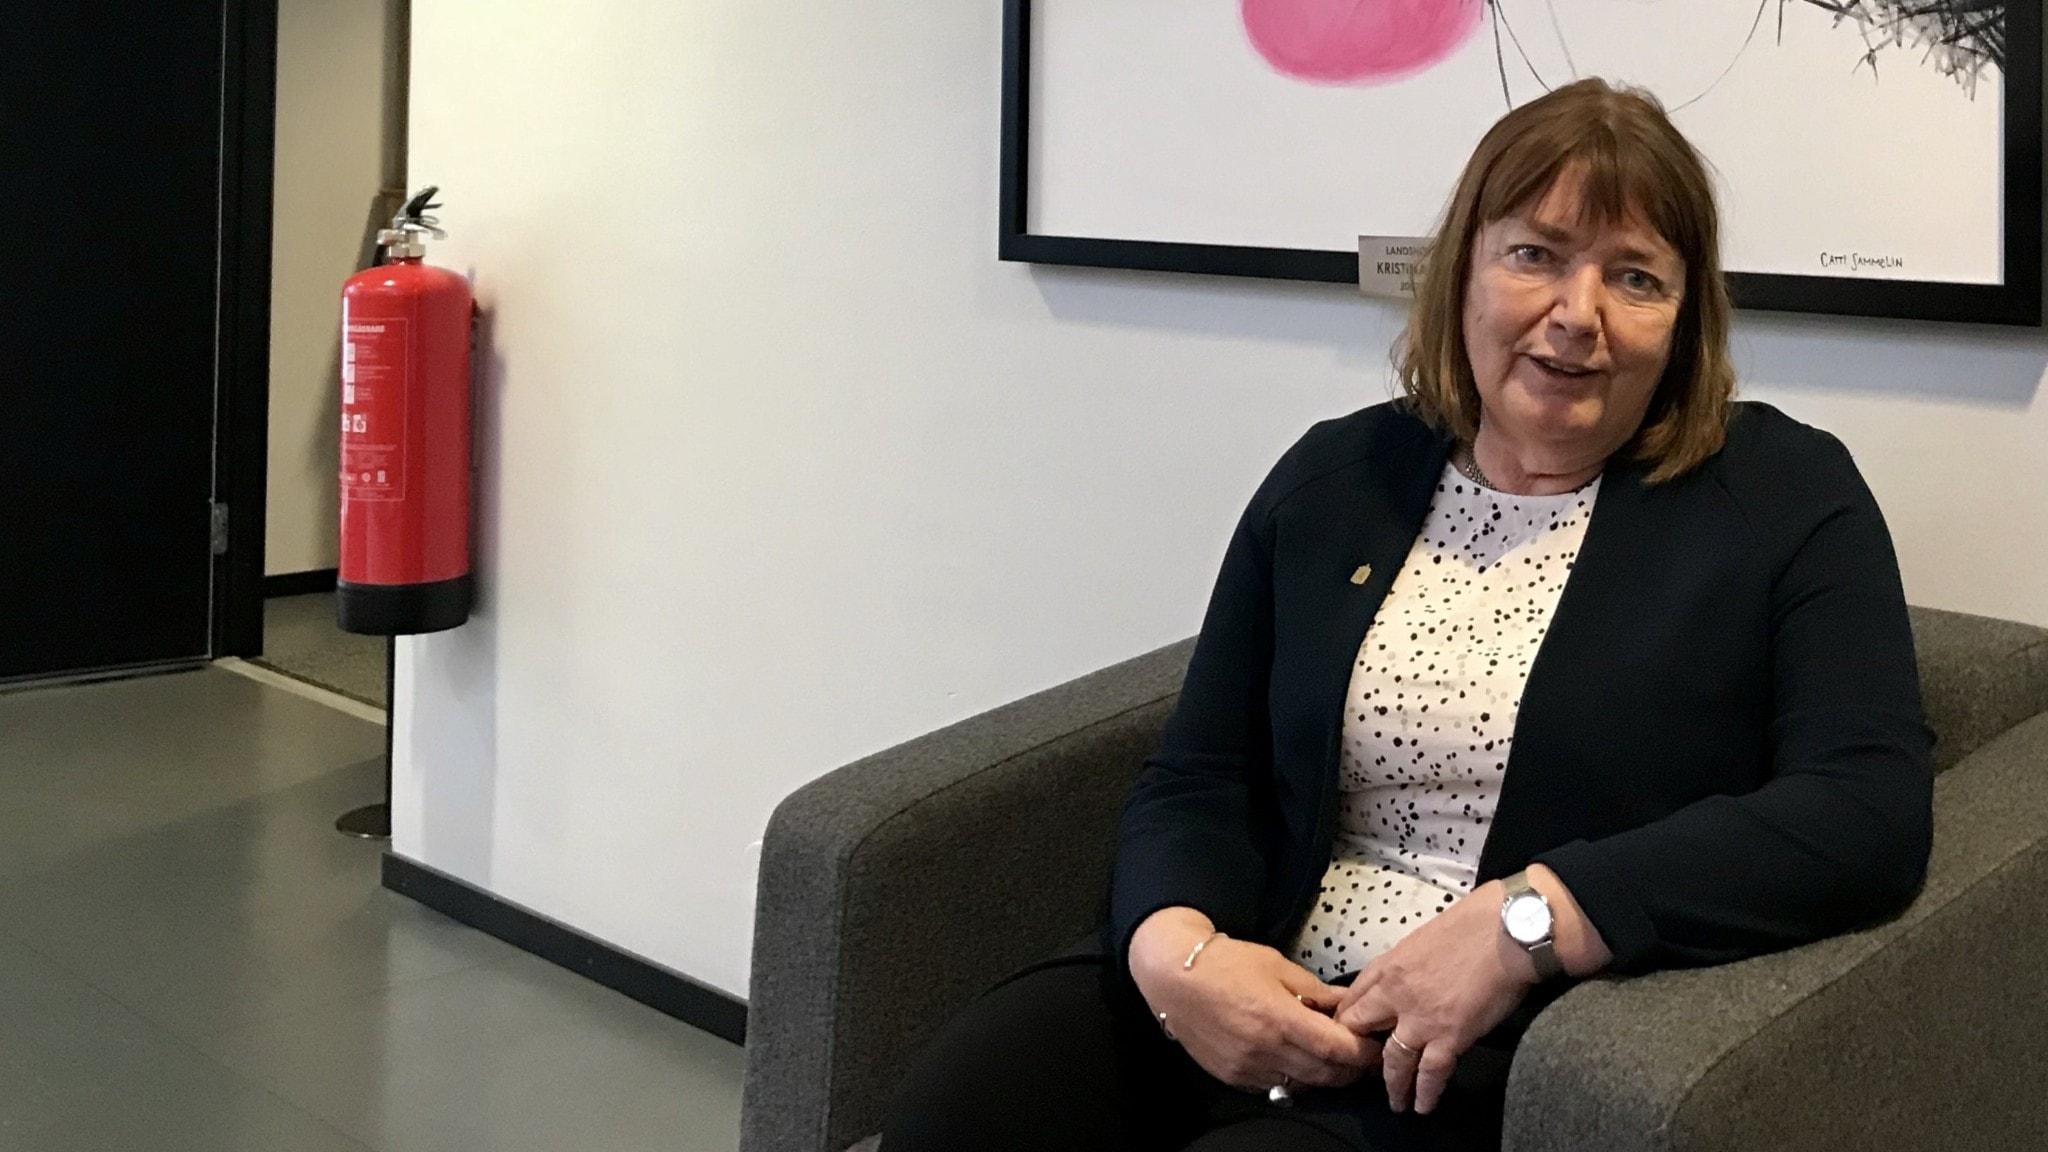 Hör om 52 nya lägenheter i Hovmantorp och Ingrid Burman som berättar om sina år som Landshövding